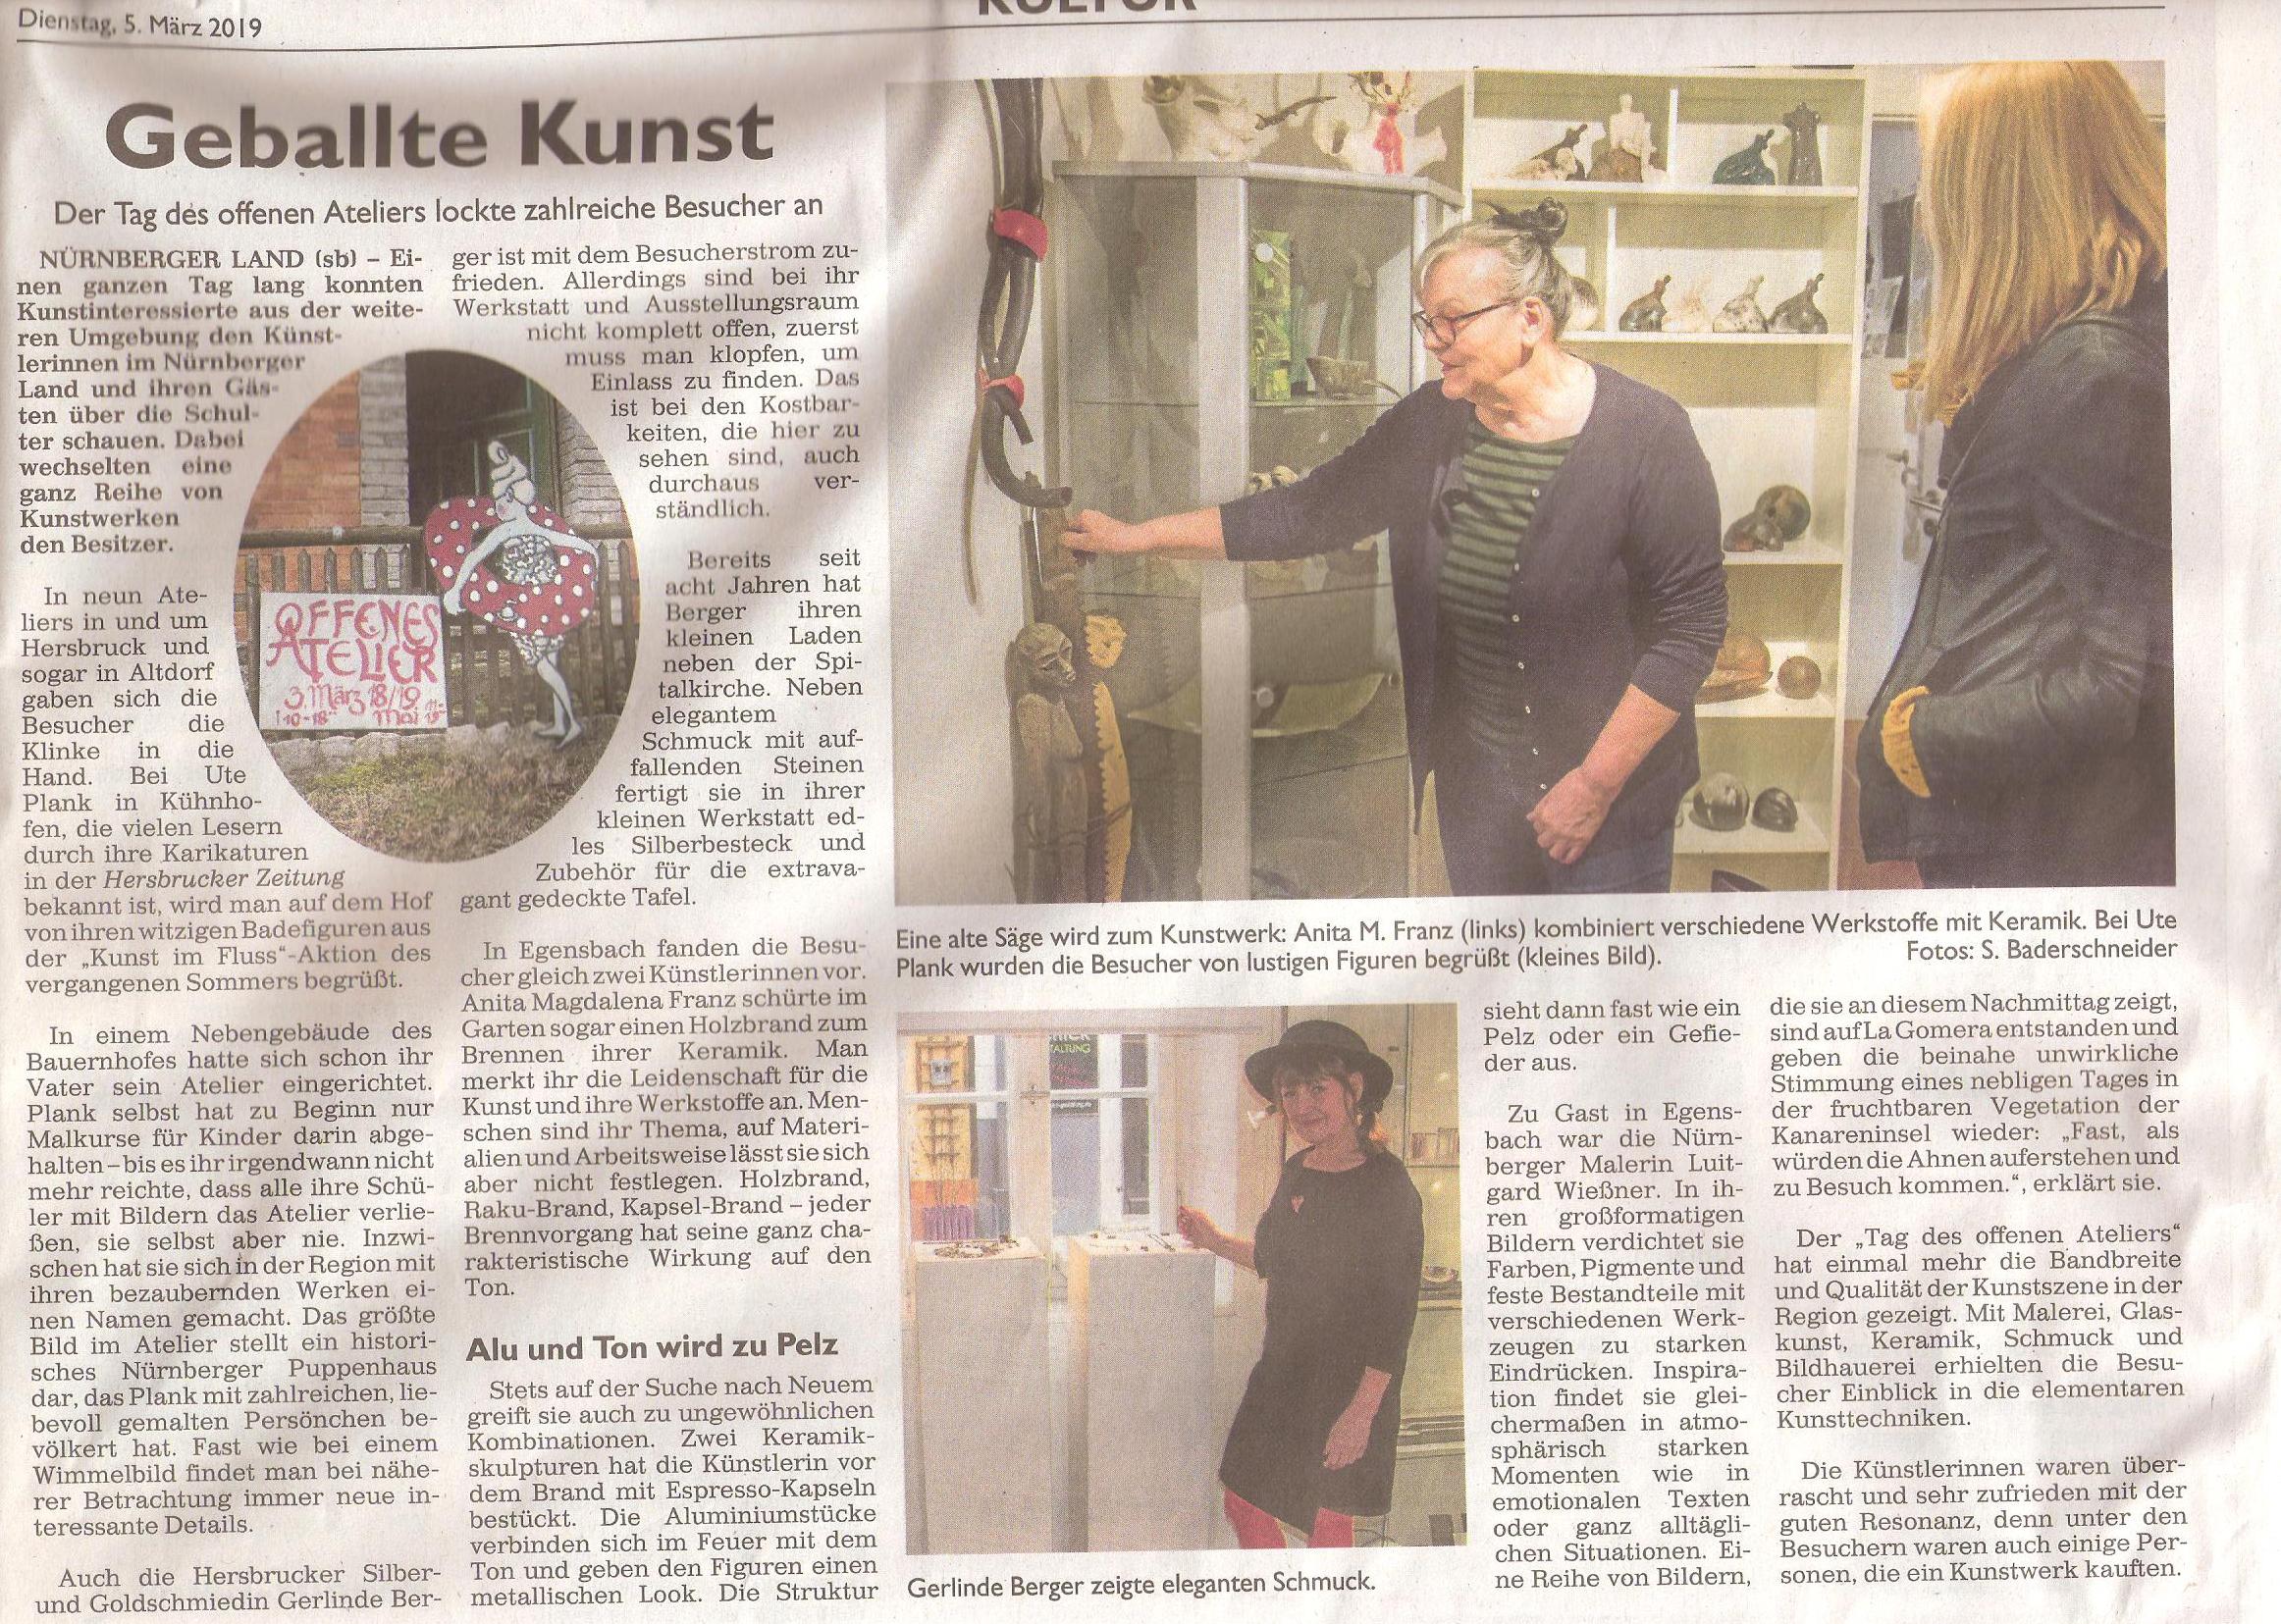 Hersbrucker Zeitung, 4. März 2019 Susanne Baderschneider